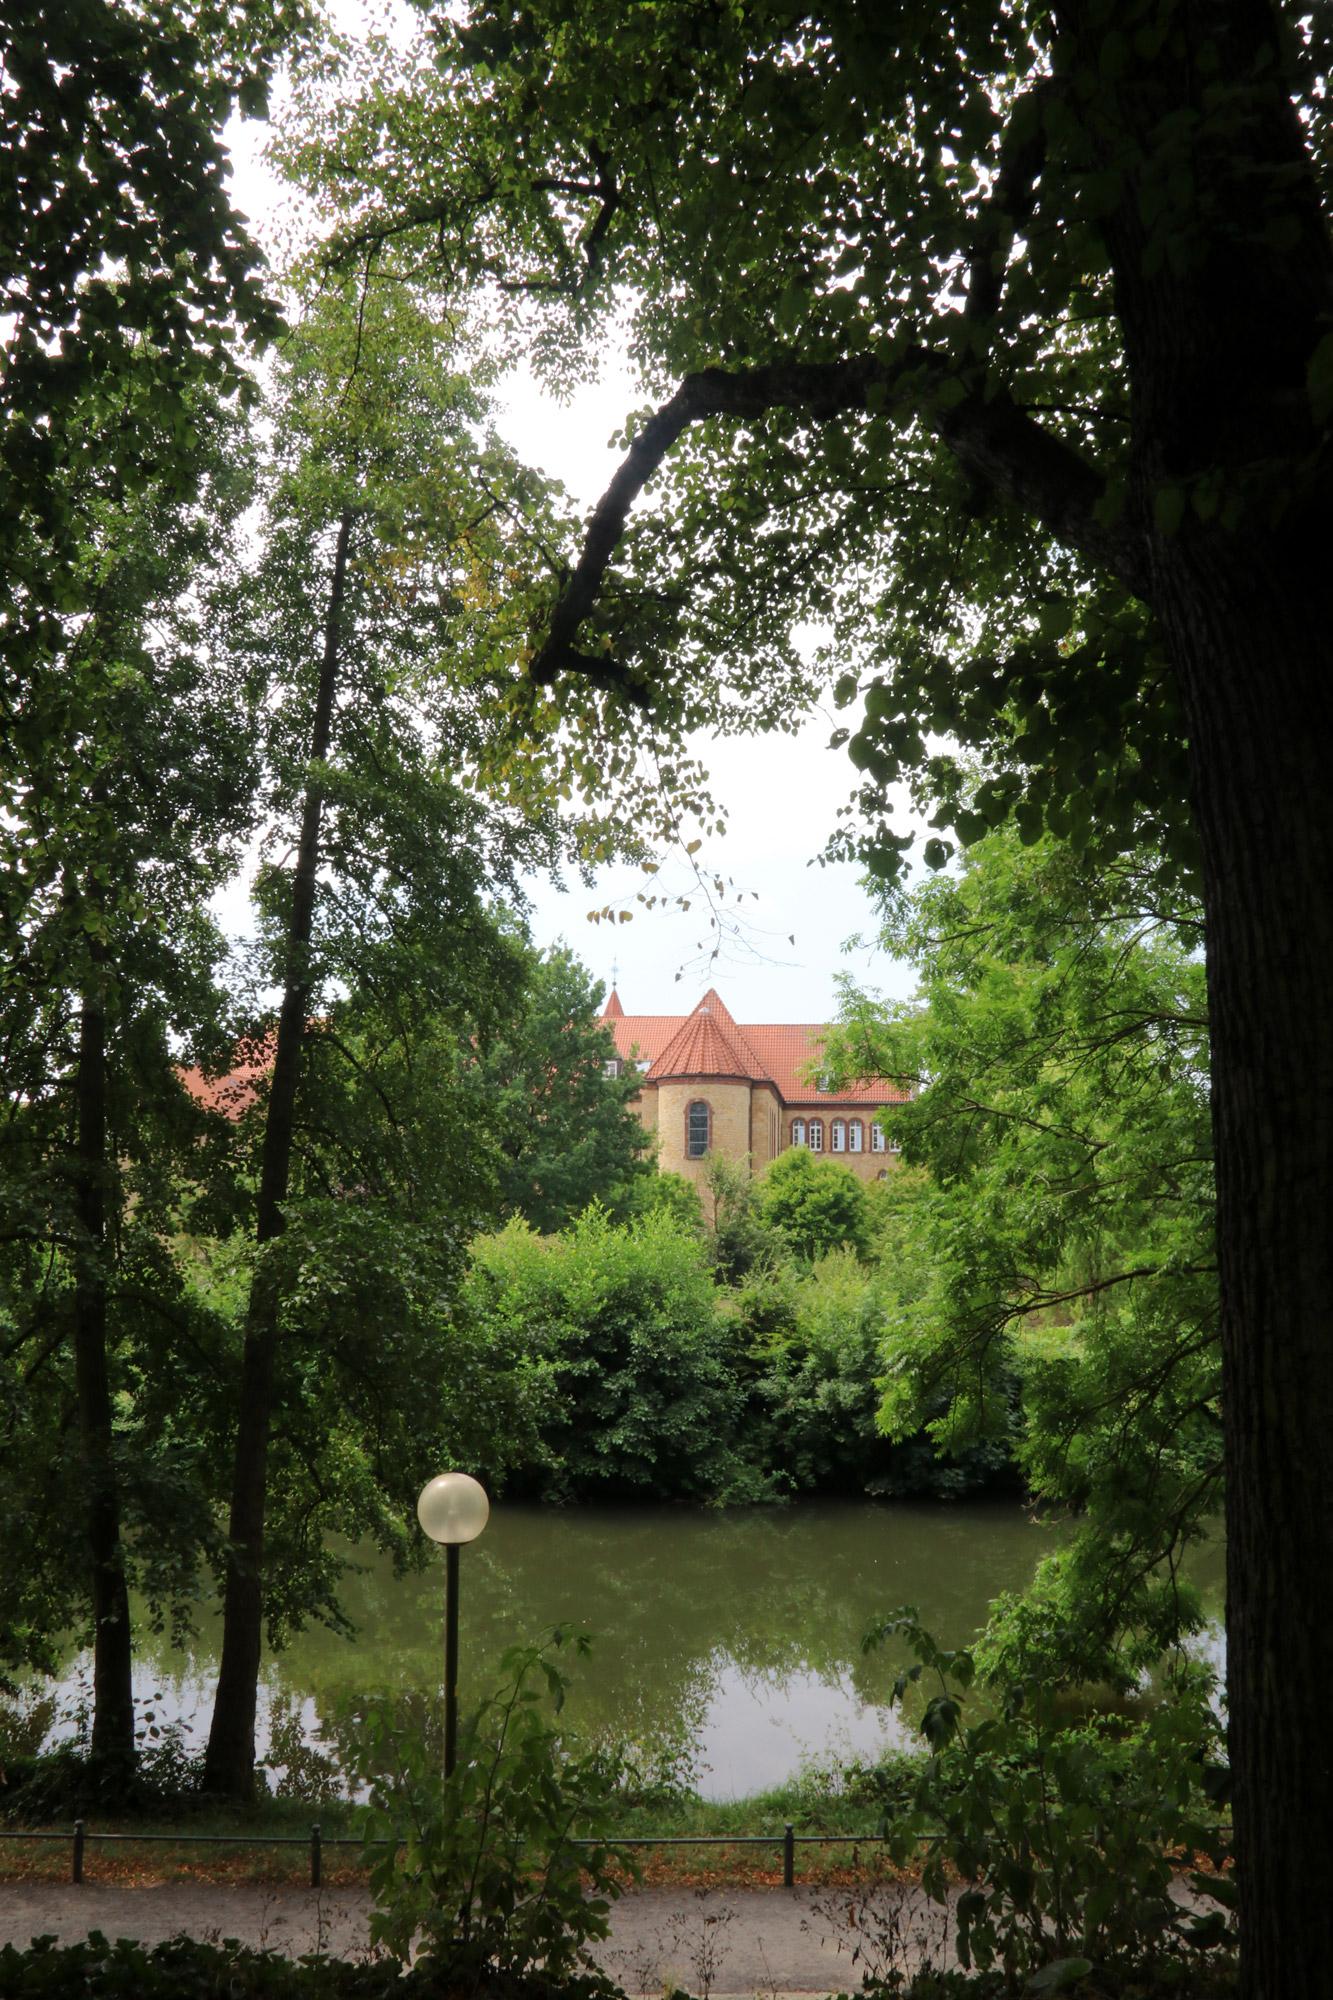 Stedentrip Osnabrück - Groen